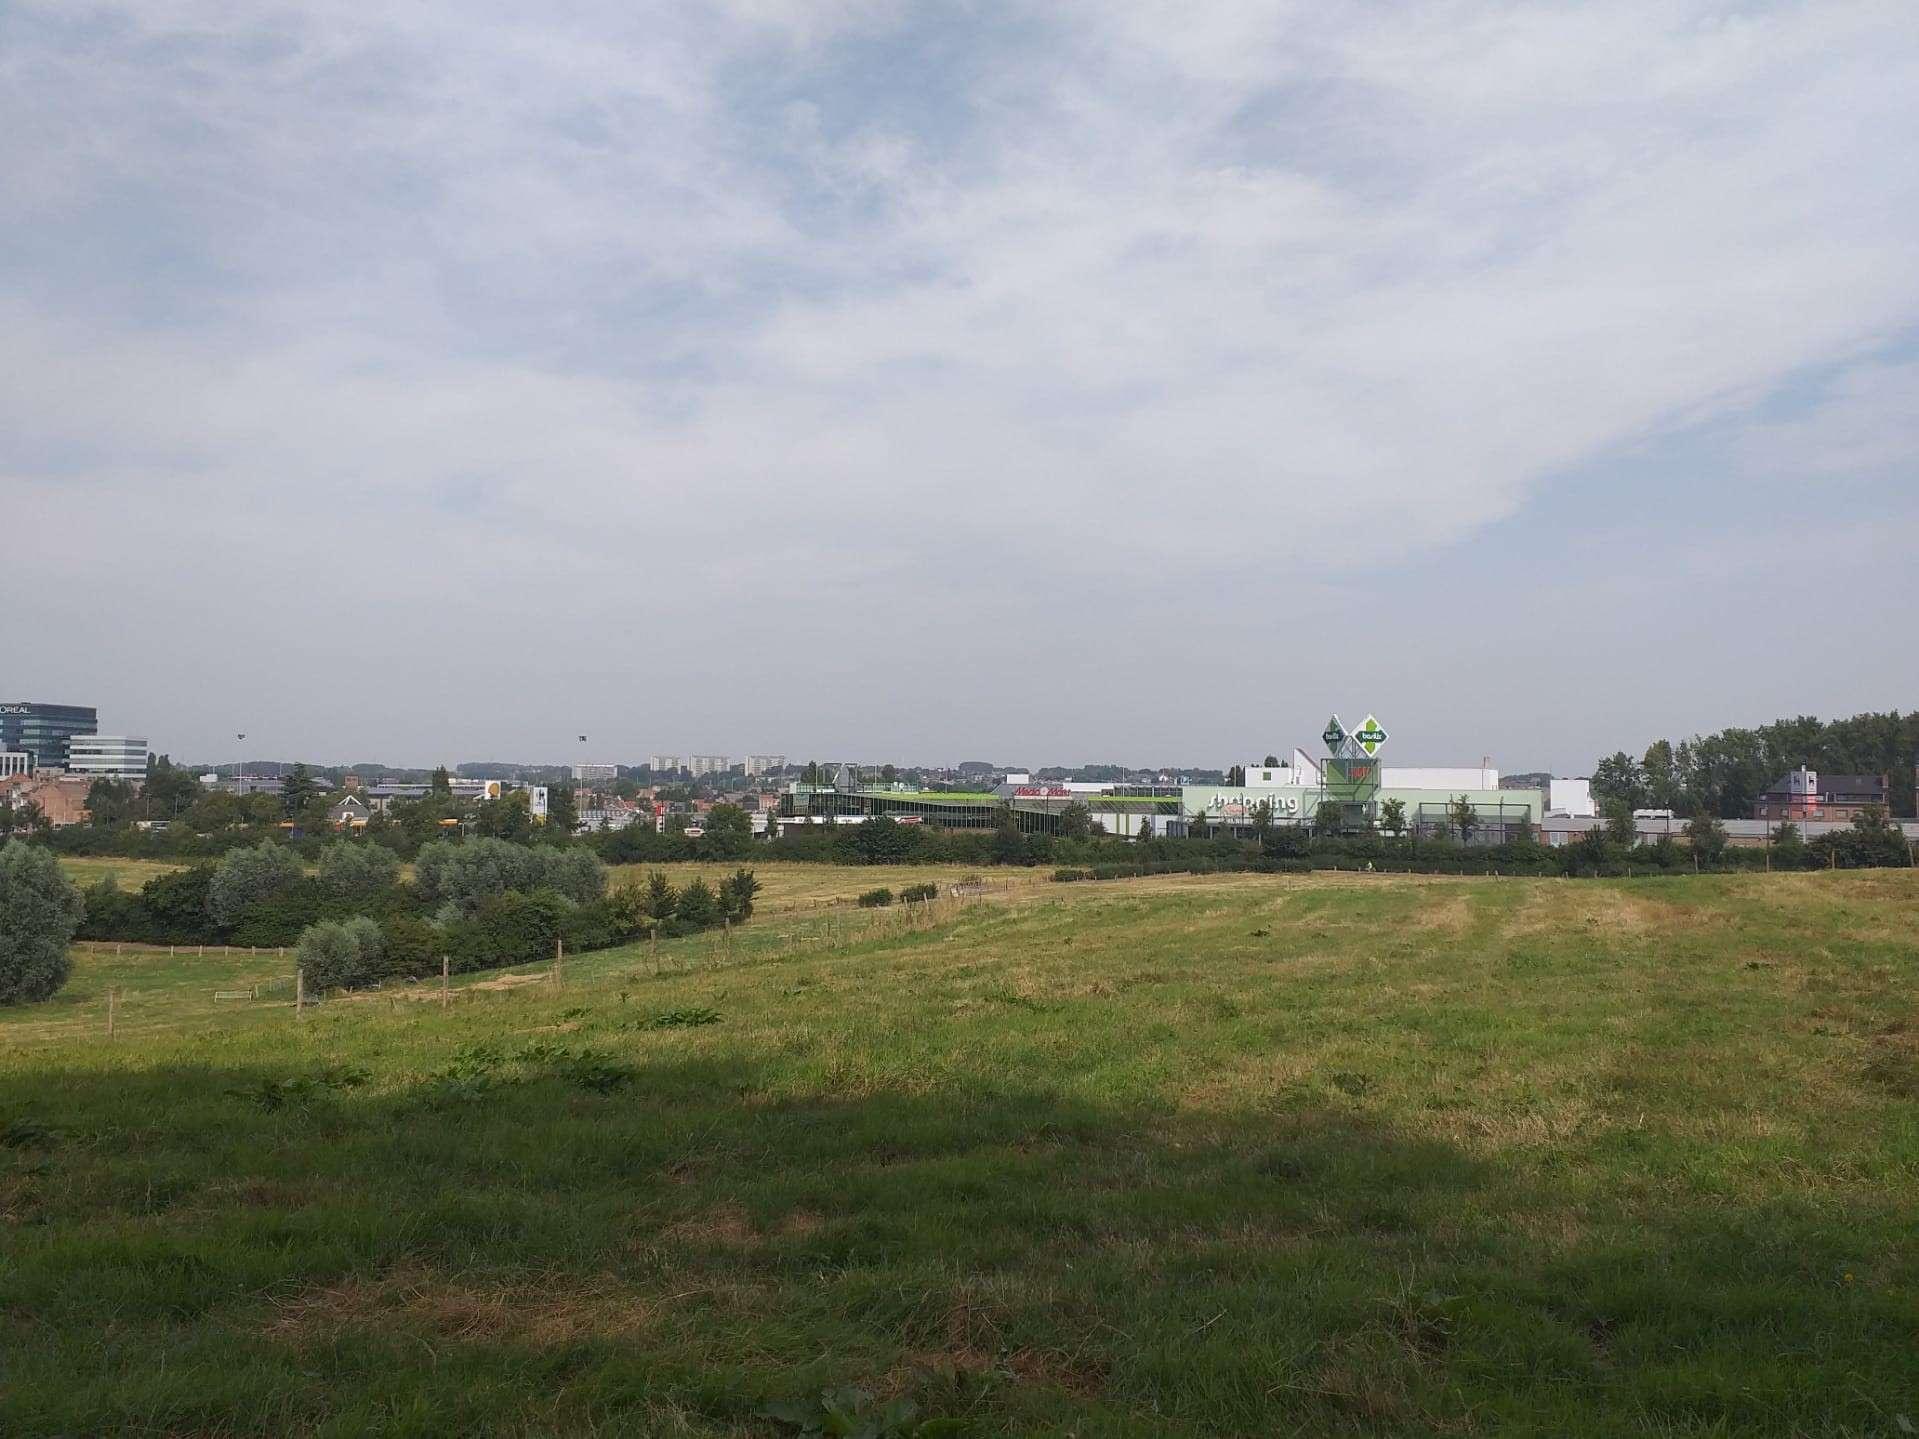 Zavelenberg